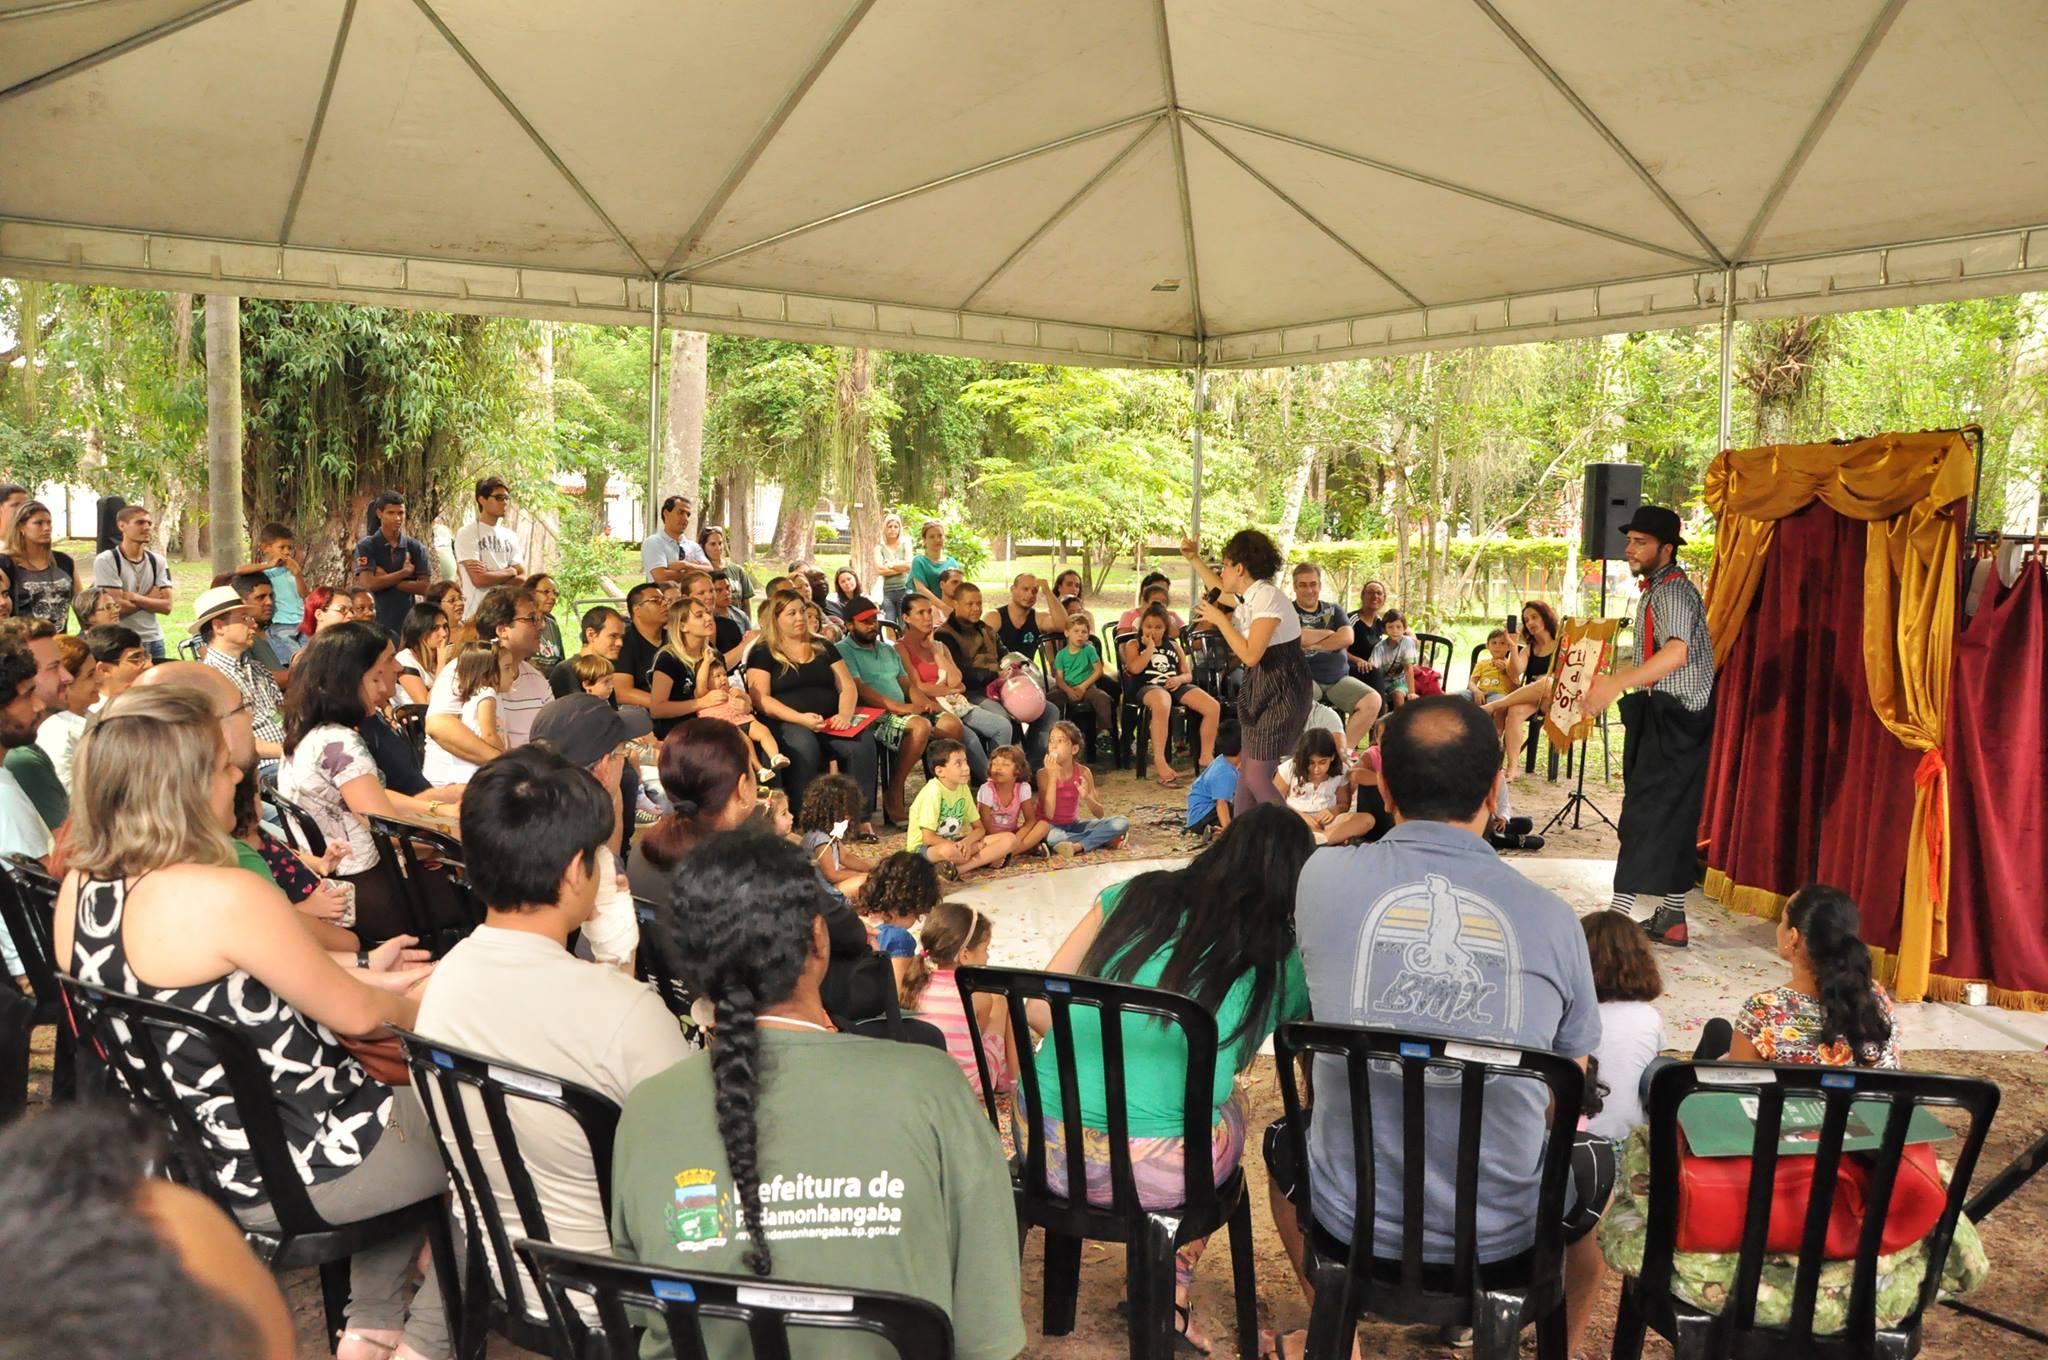 Artistas se apresentam no Bosque da Princesa em Pinda; a cidade recebe contação de história e teatro nesse final de semana (Foto: Divulgação)